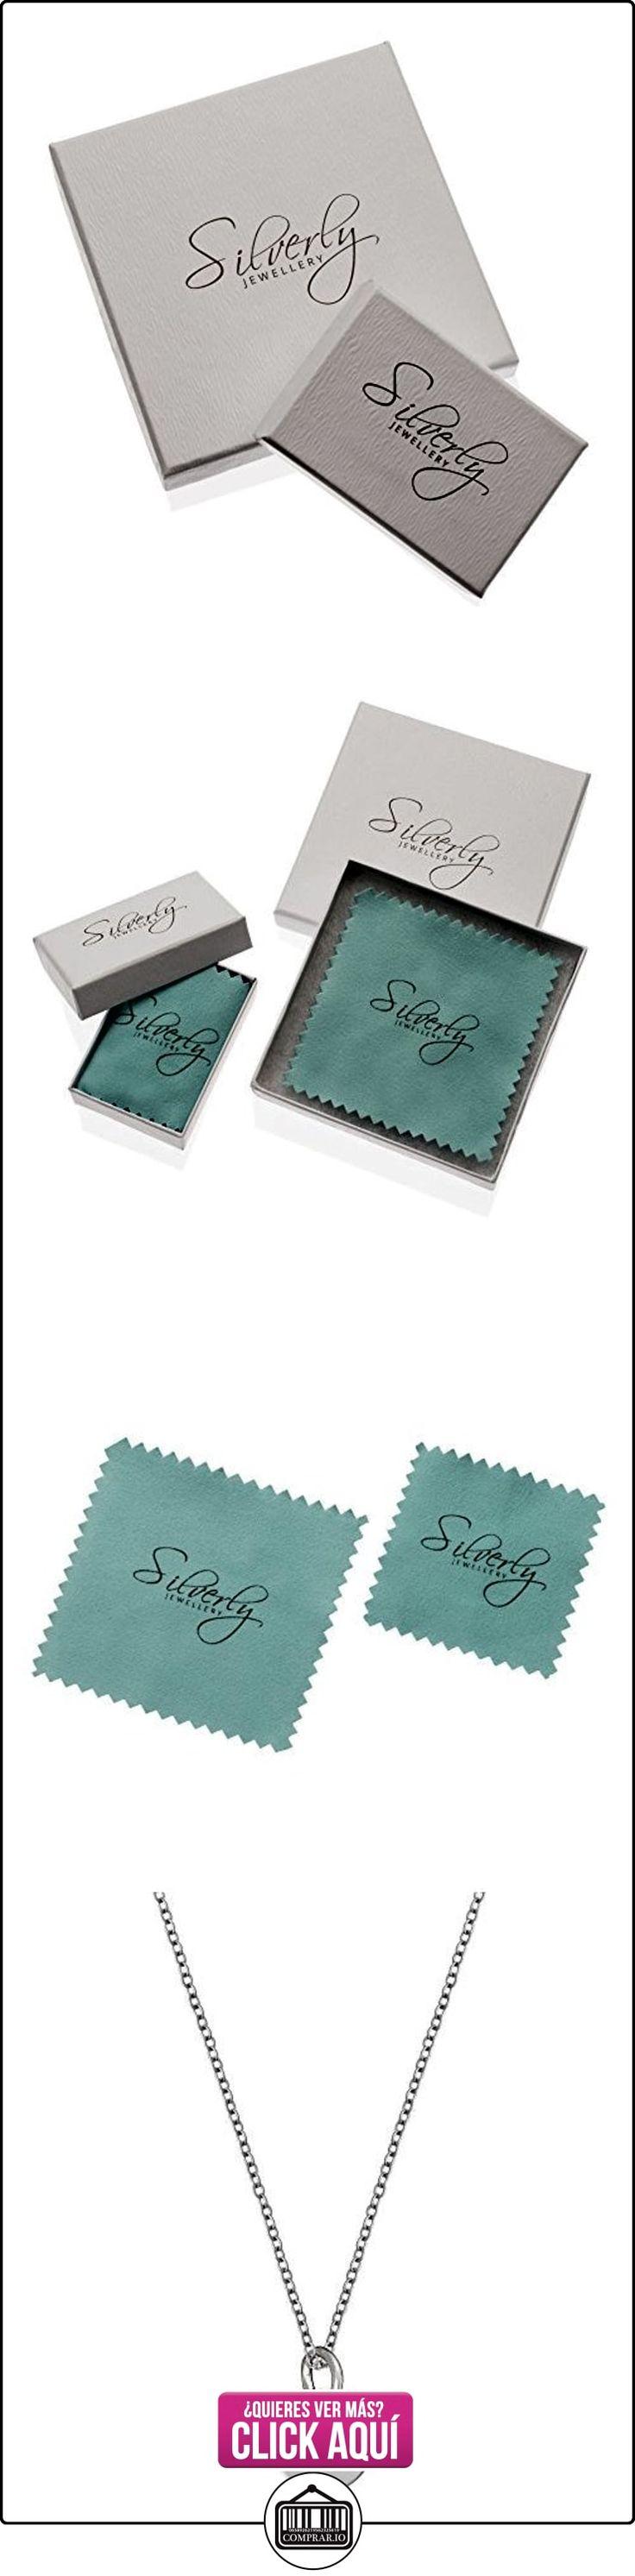 Silverly Pendiente De La Mujer En Plata De Ley 925 Redonda Letra Inicial Collar Alfabeto, 46 Cm  ✿ Joyas para mujer - Las mejores ofertas ✿ ▬► Ver oferta: https://comprar.io/goto/B01LWVSQCX